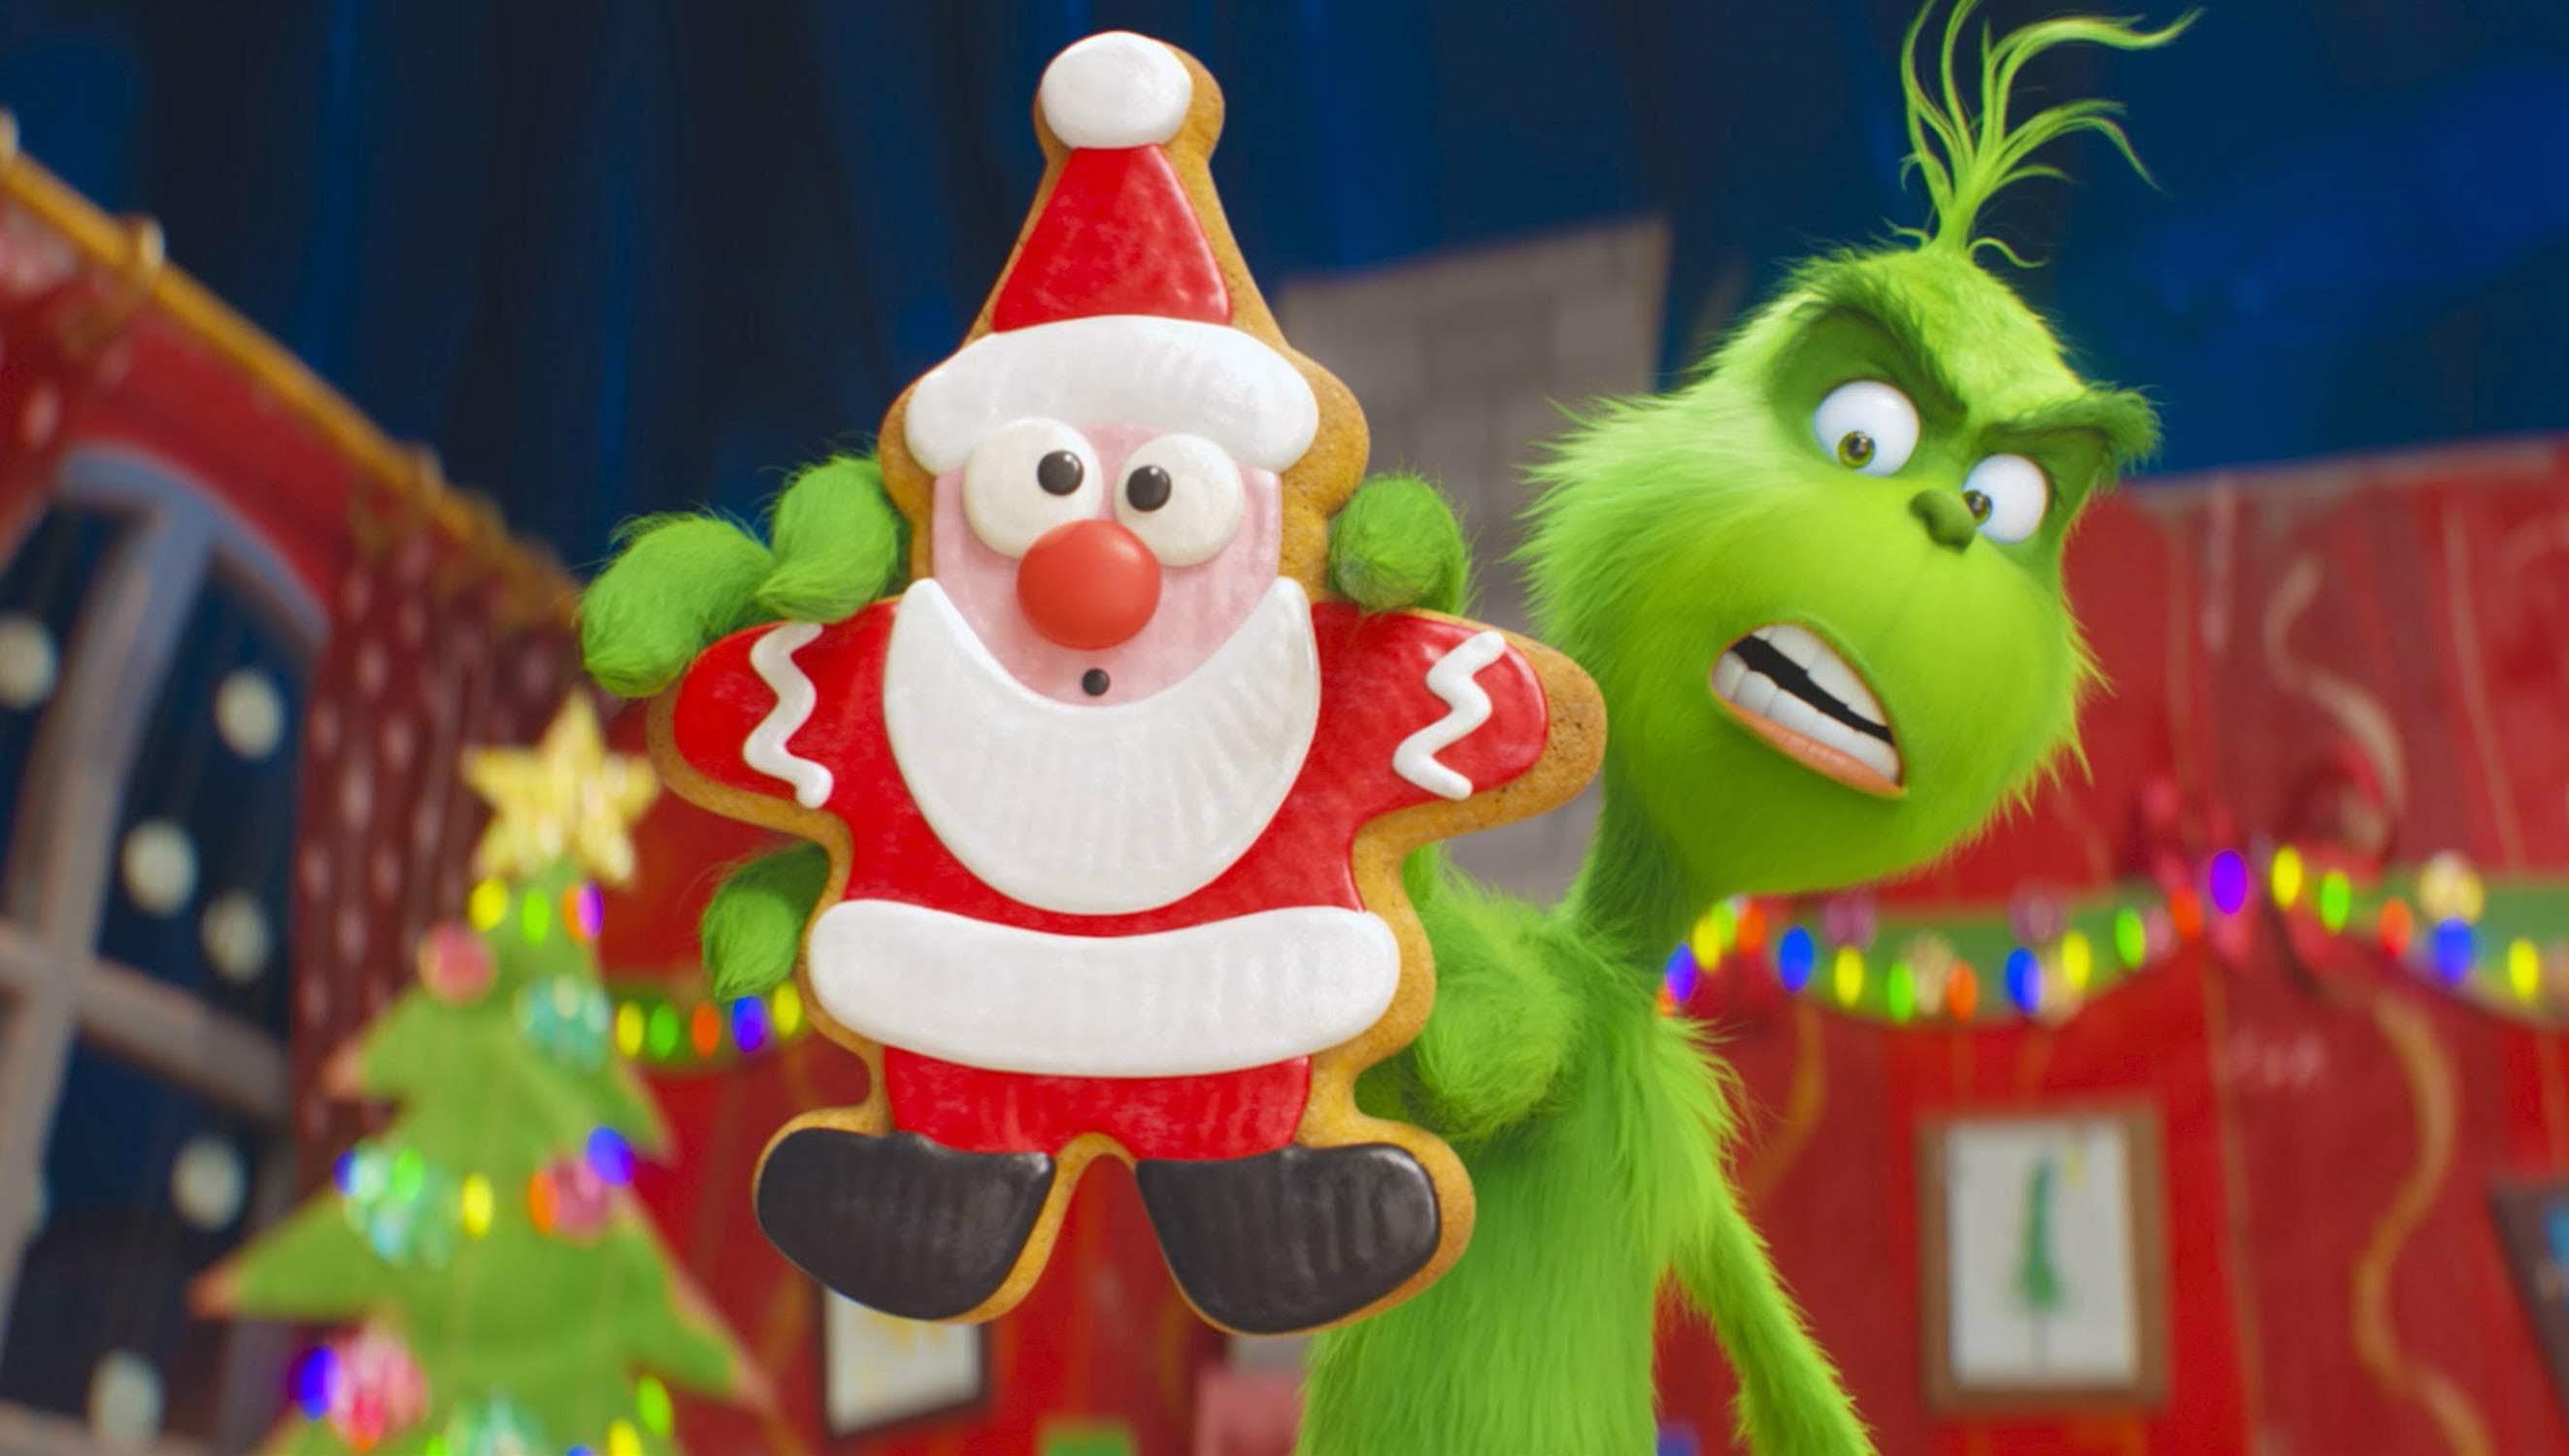 Box Office : 11月9日~11日の全米映画ボックスオフィスTOP5 - クリスマスが大嫌いのひねくれ者の主人公の声を、ベネディクト・カンバーバッチがつとめてくれた「ザ・グリンチ」が、11月公開のアニメ映画としては、史上3番めの封切り成績を叩き出したオープニング・ヒットの初登場第1位 ! !